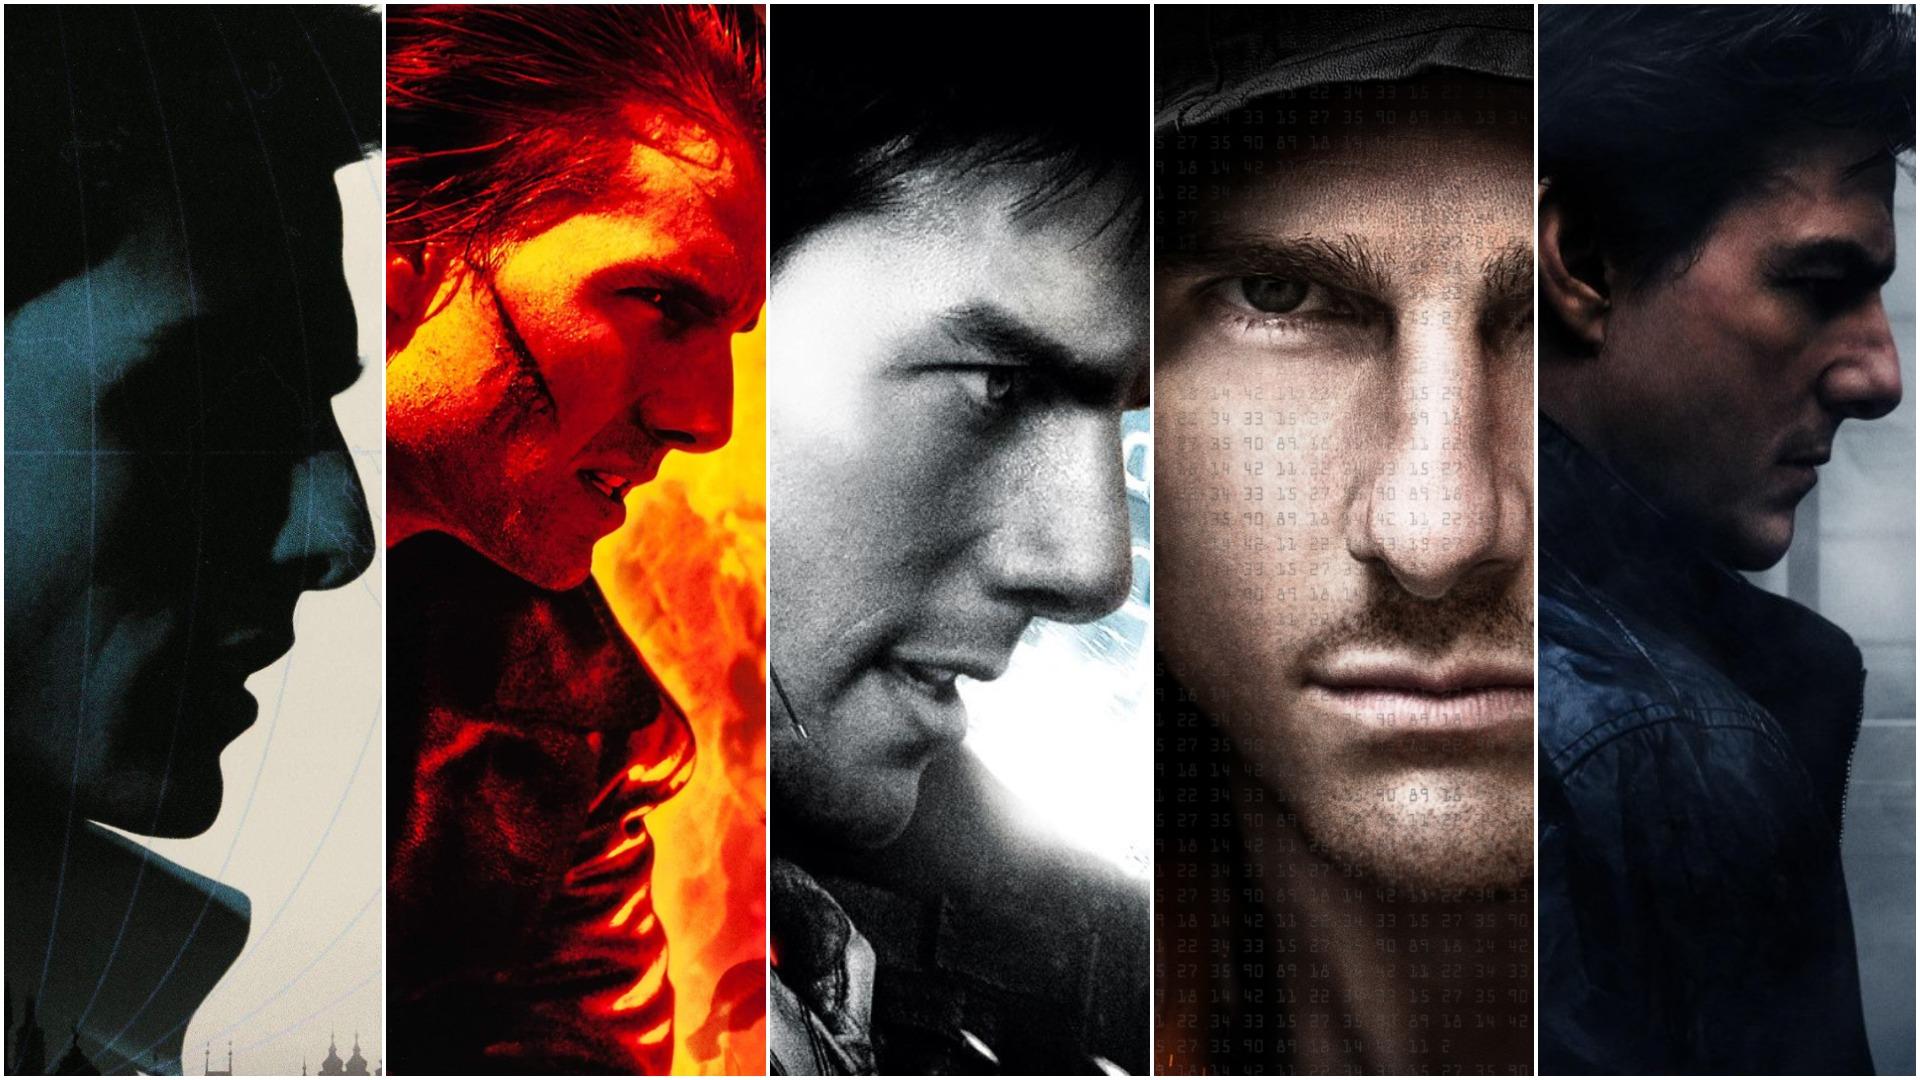 """Melhor franquia de ação: não é um absurdo apontar """"Missão Impossível"""" como a melhor do gênero no cinema"""